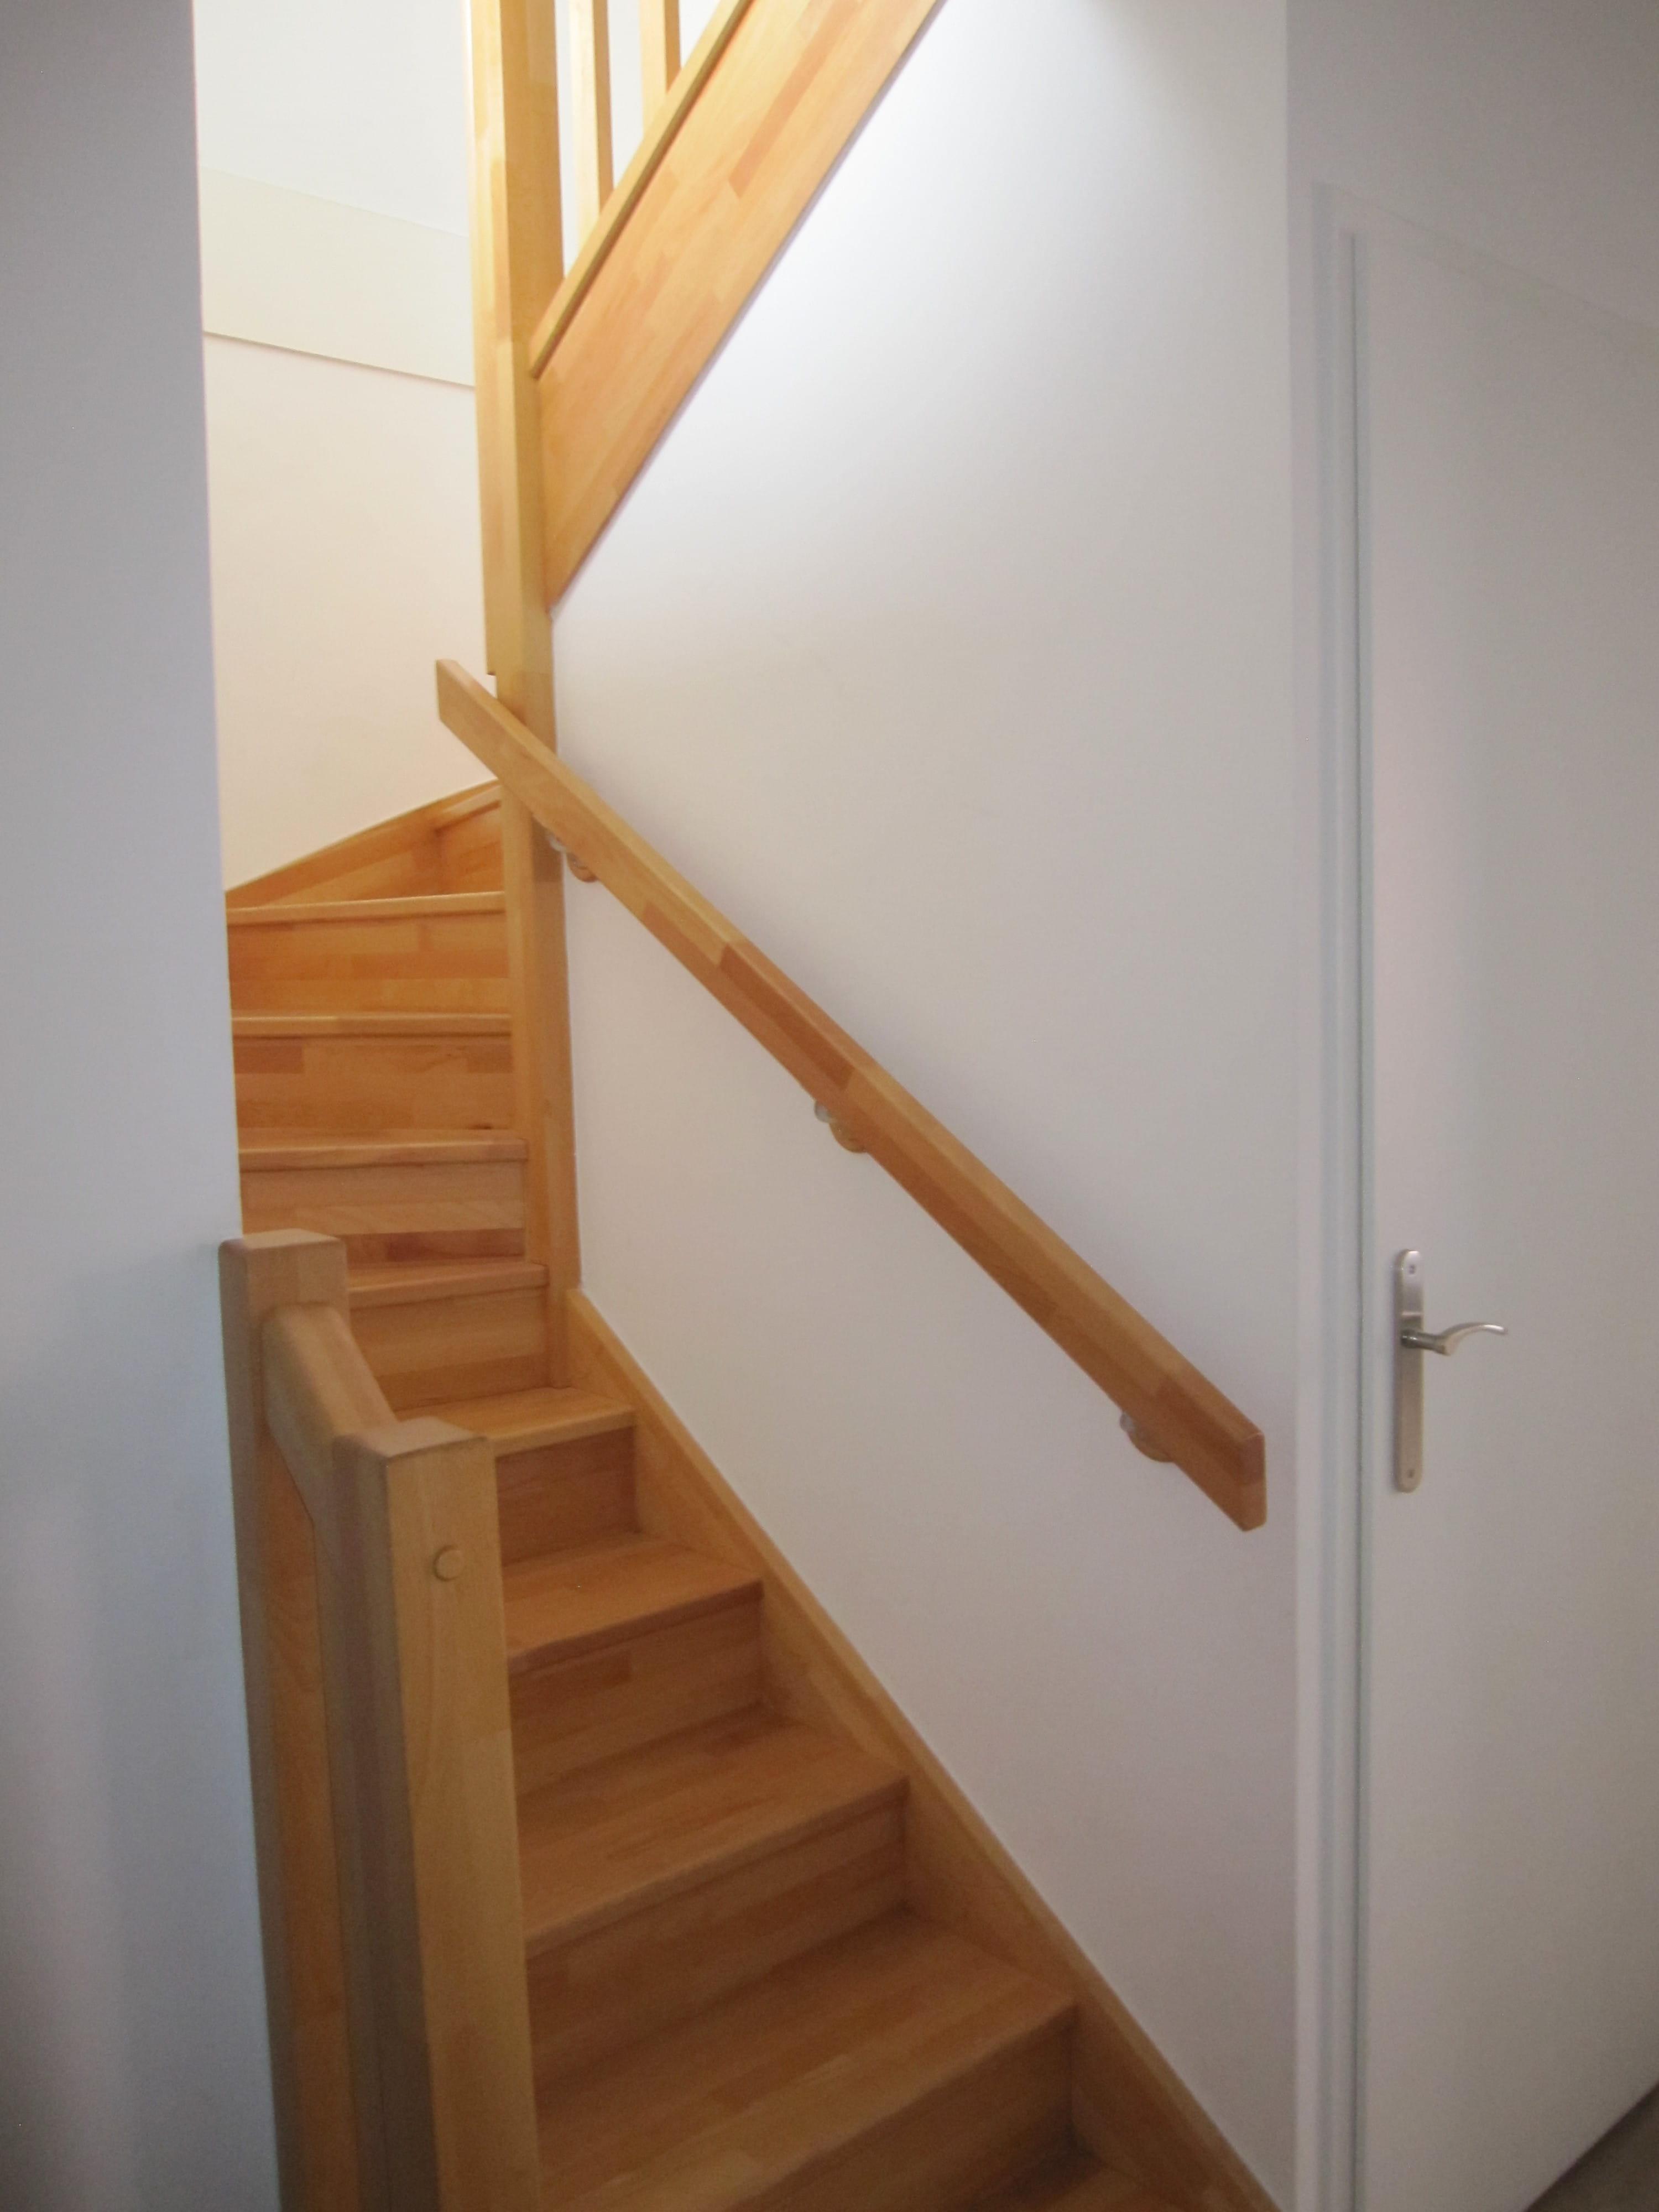 Peintre l 39 entr e et la cage d 39 escalier for Quelle peinture pour escalier